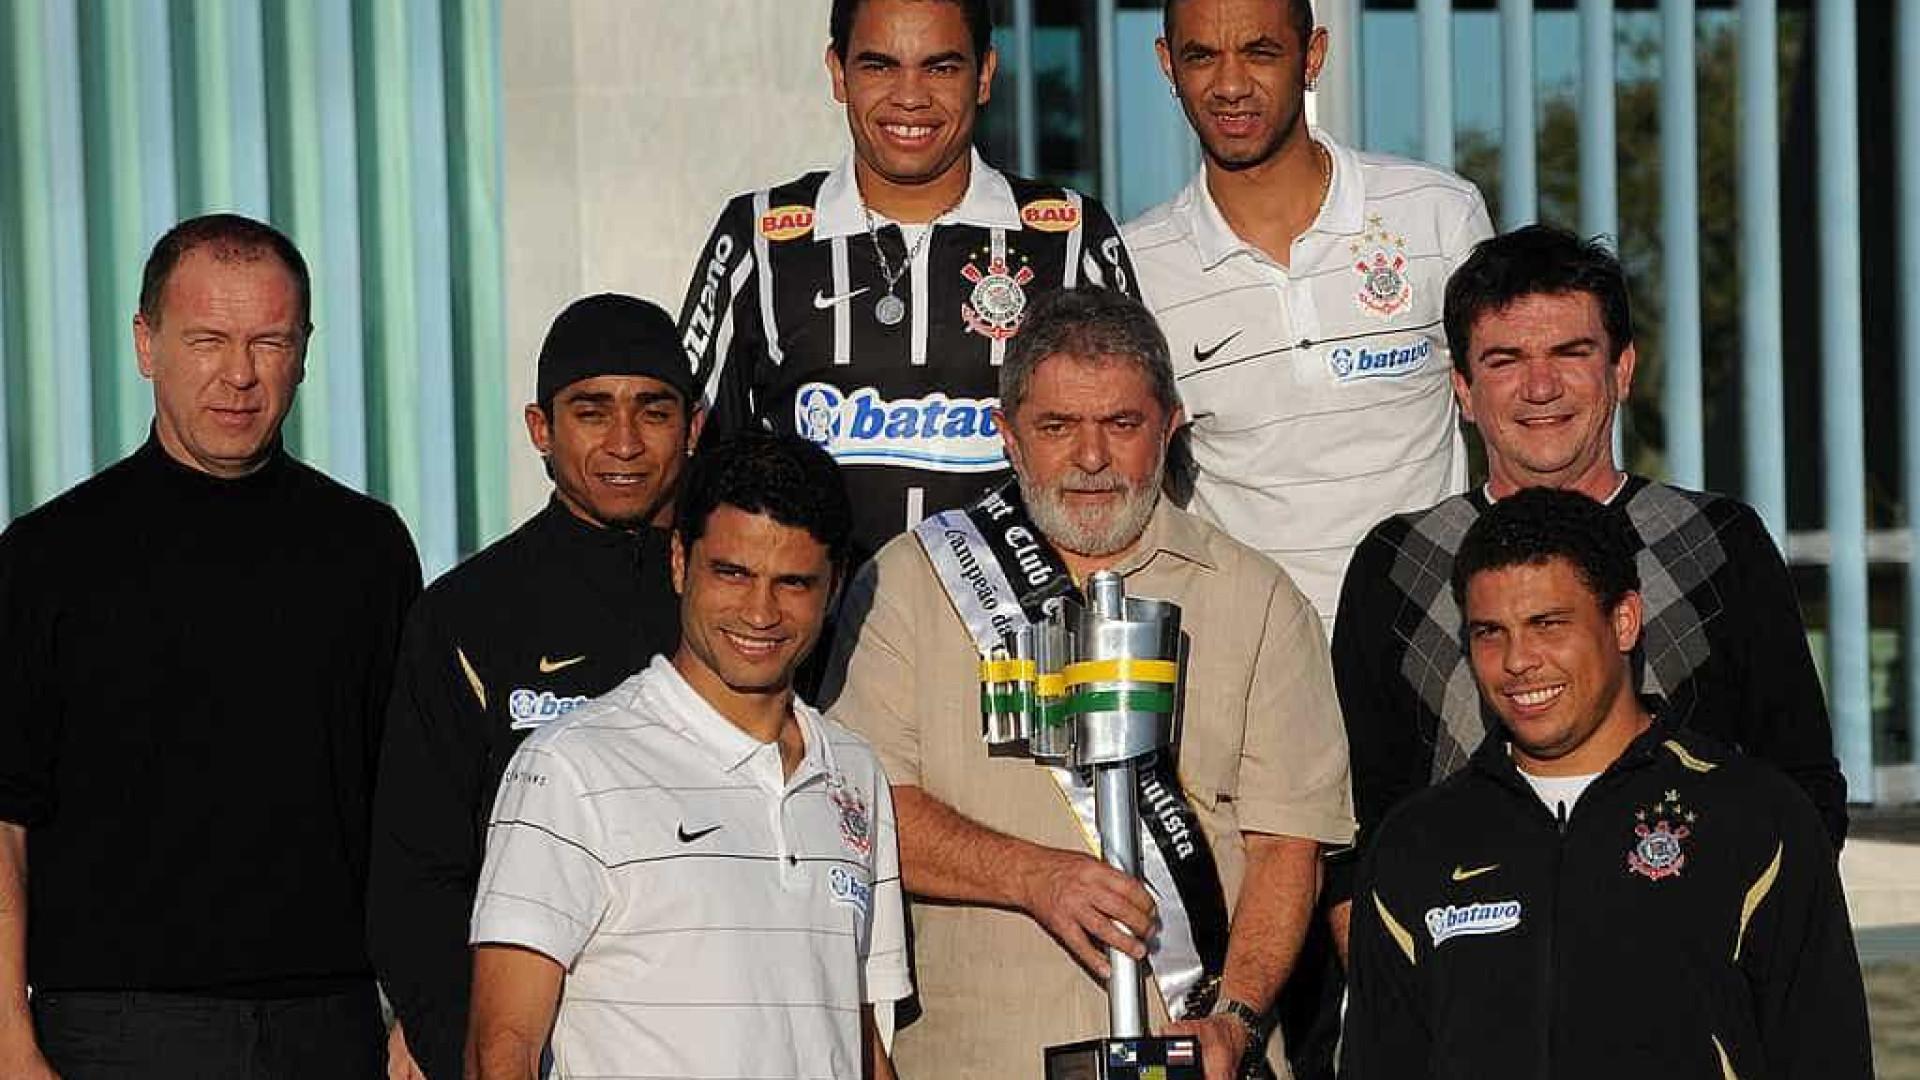 Acusação envolvendo Corinthians e Lula  é revelada na Lava Jato